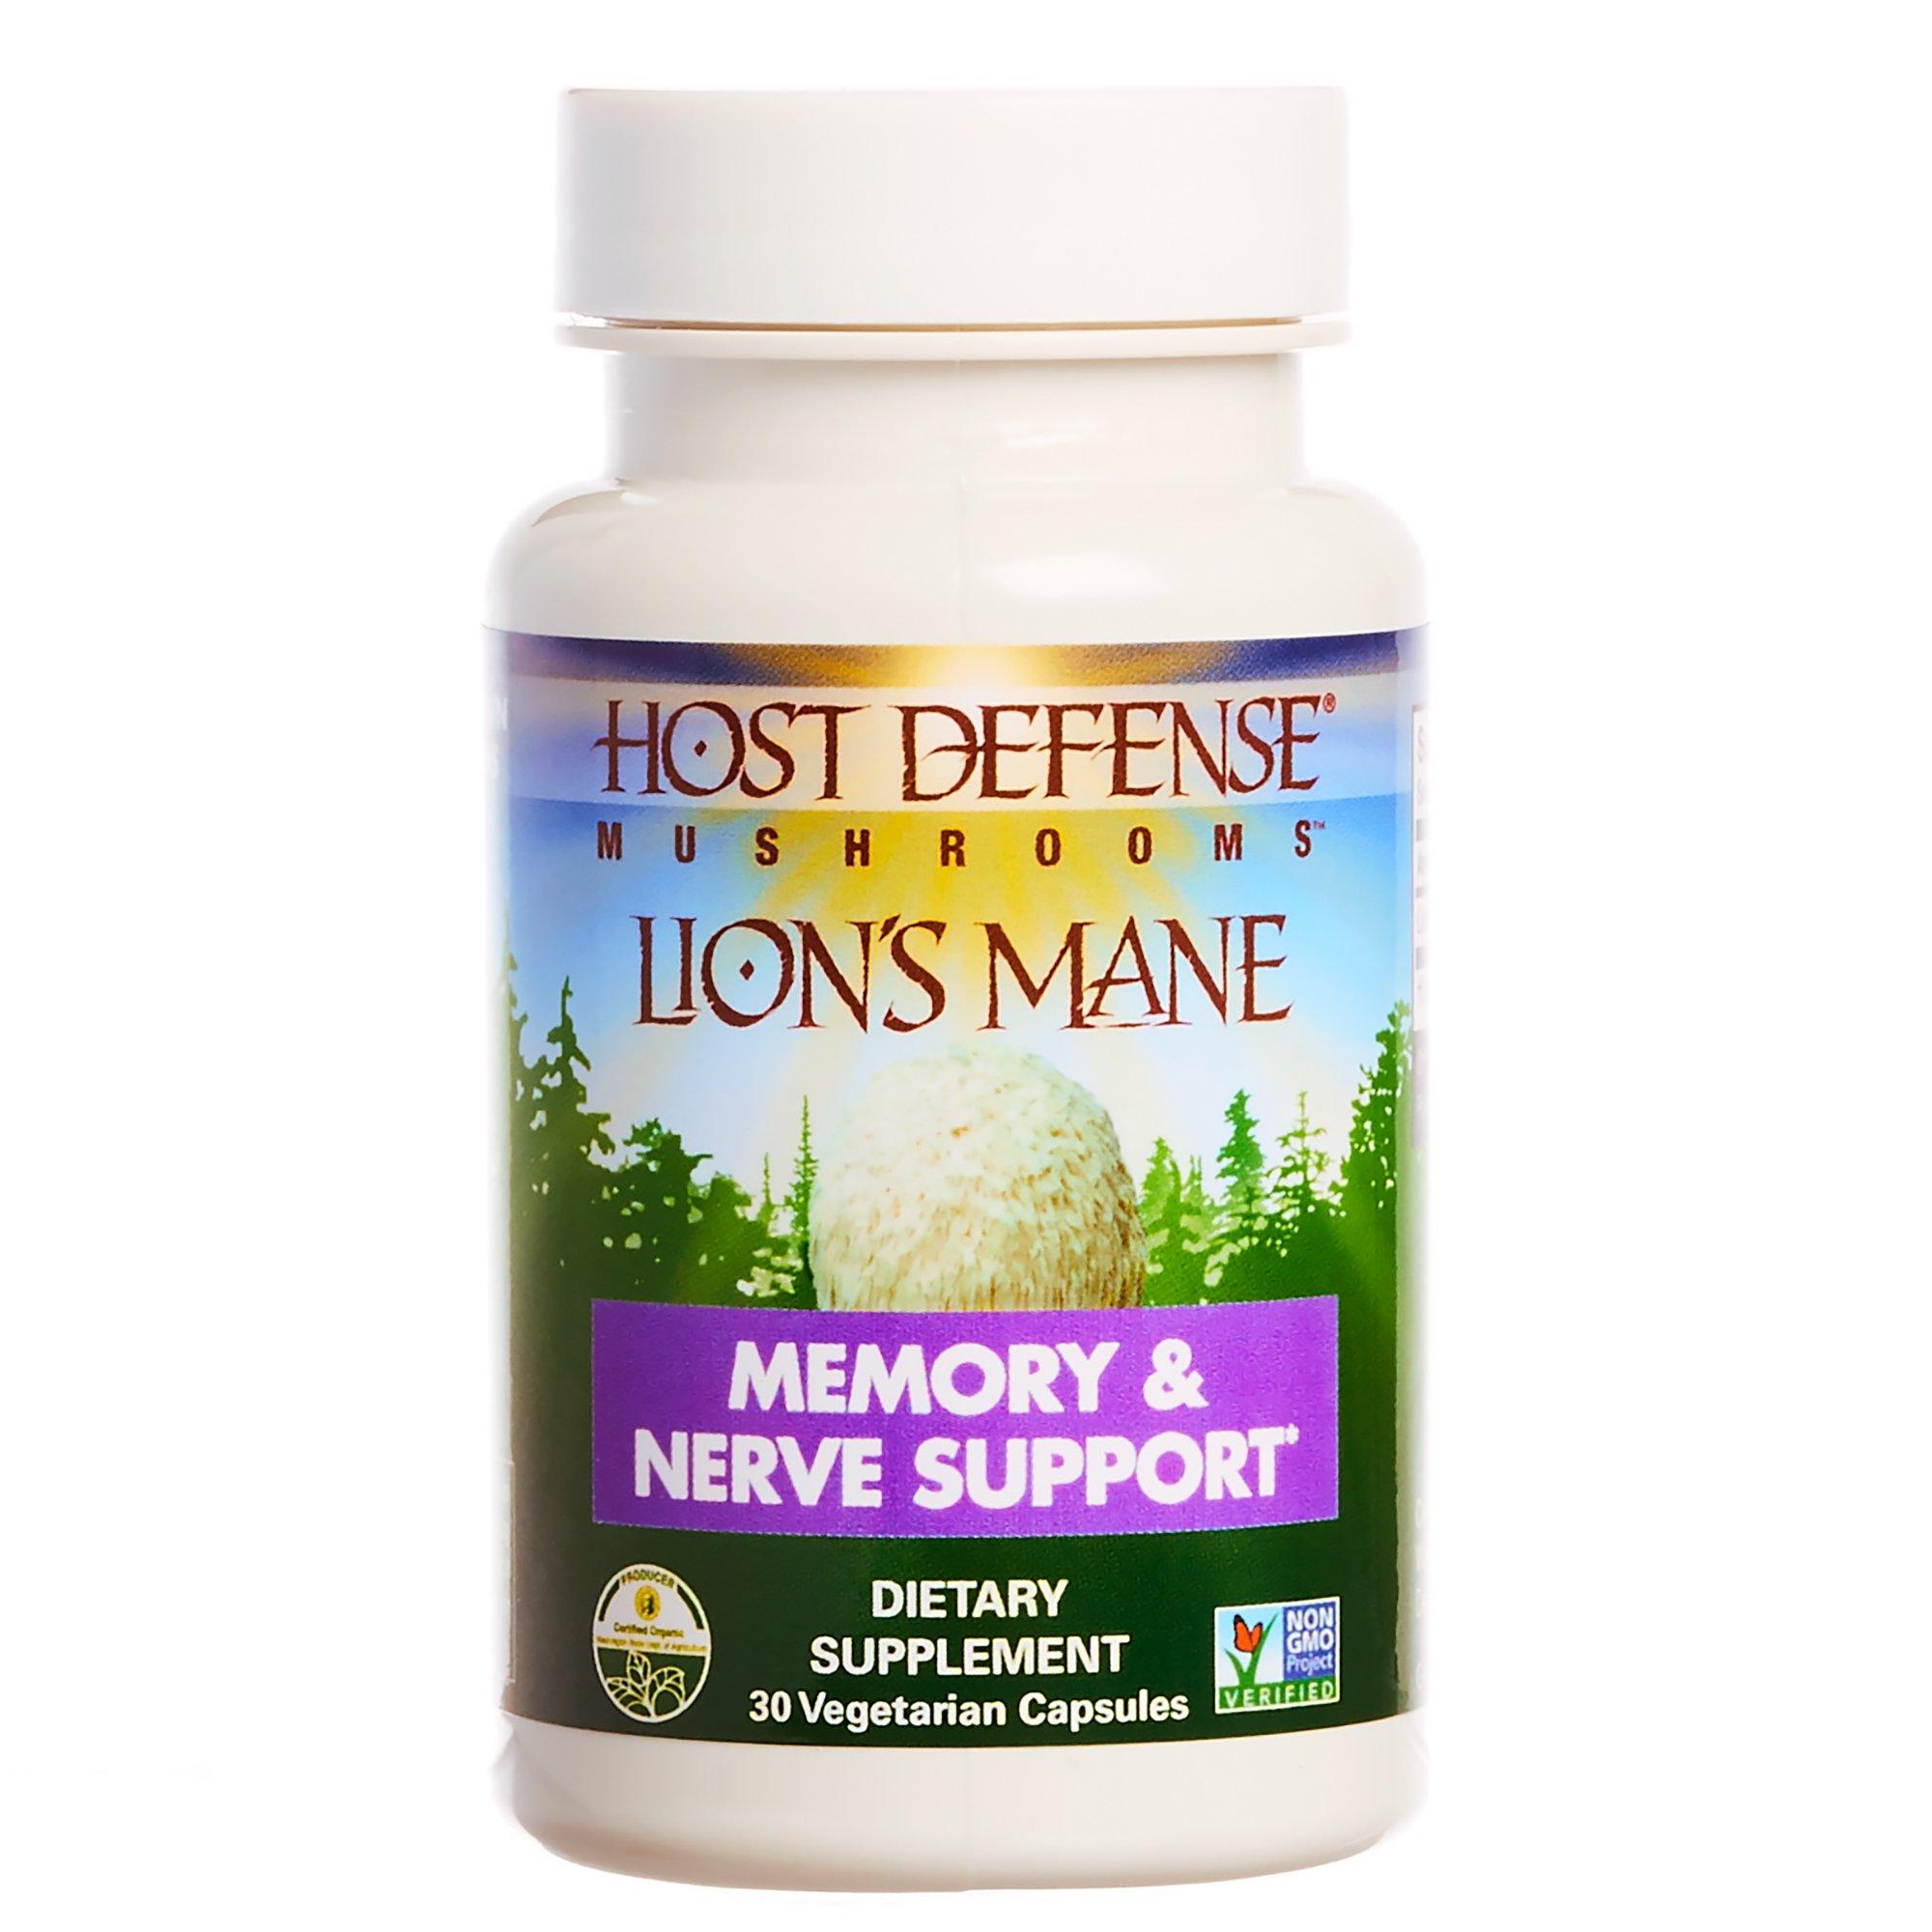 Host Defense® Lion's Mane Capsules